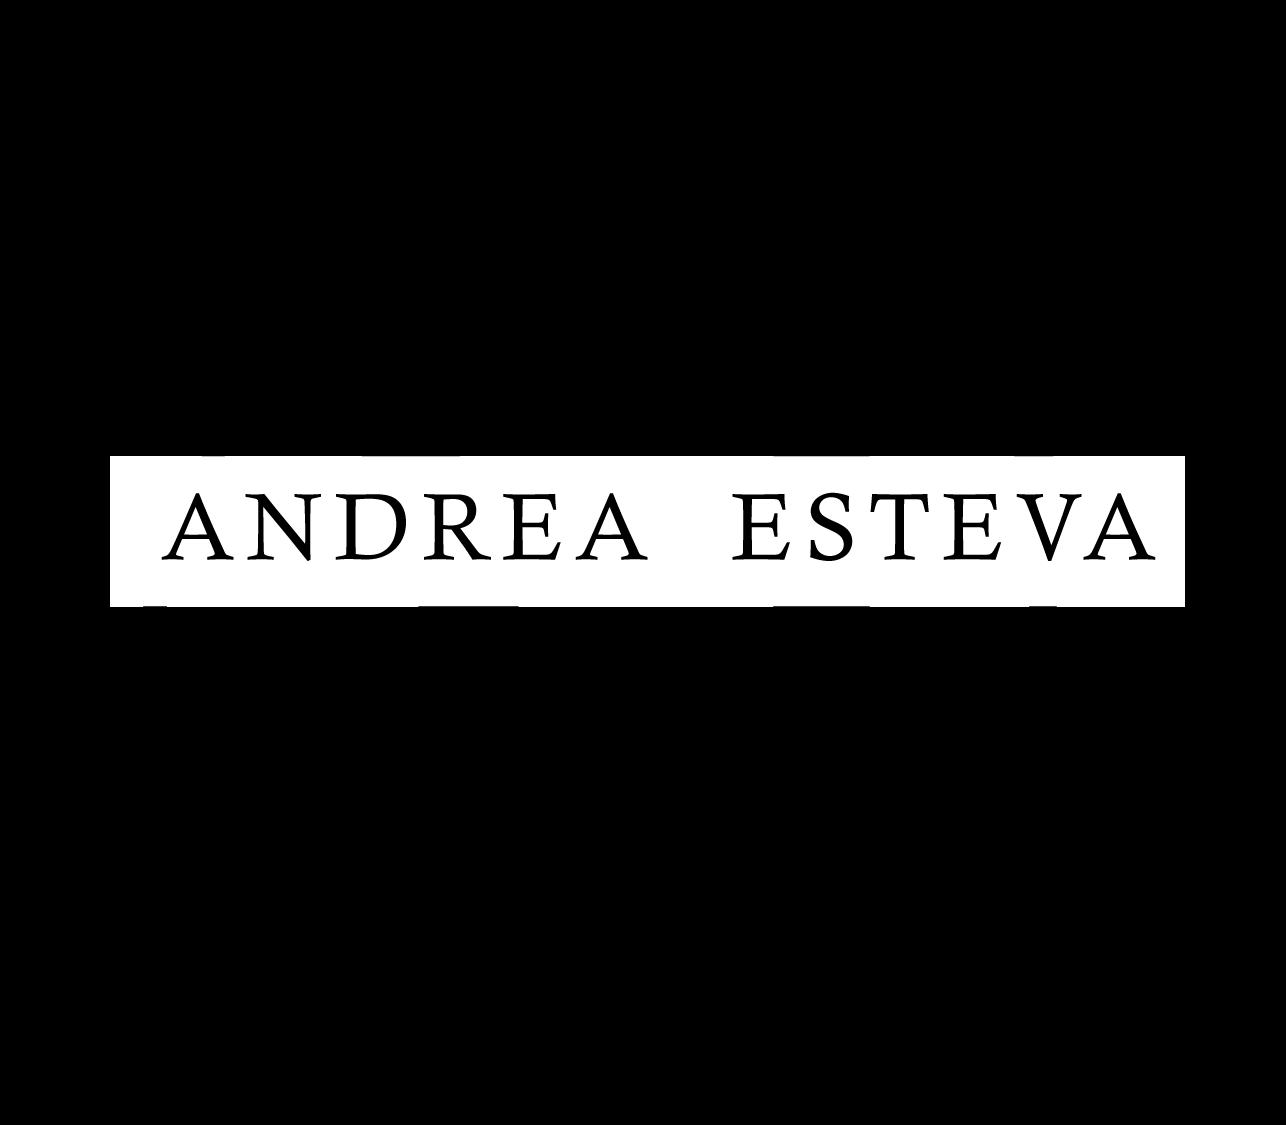 ANDREA ESTEVA